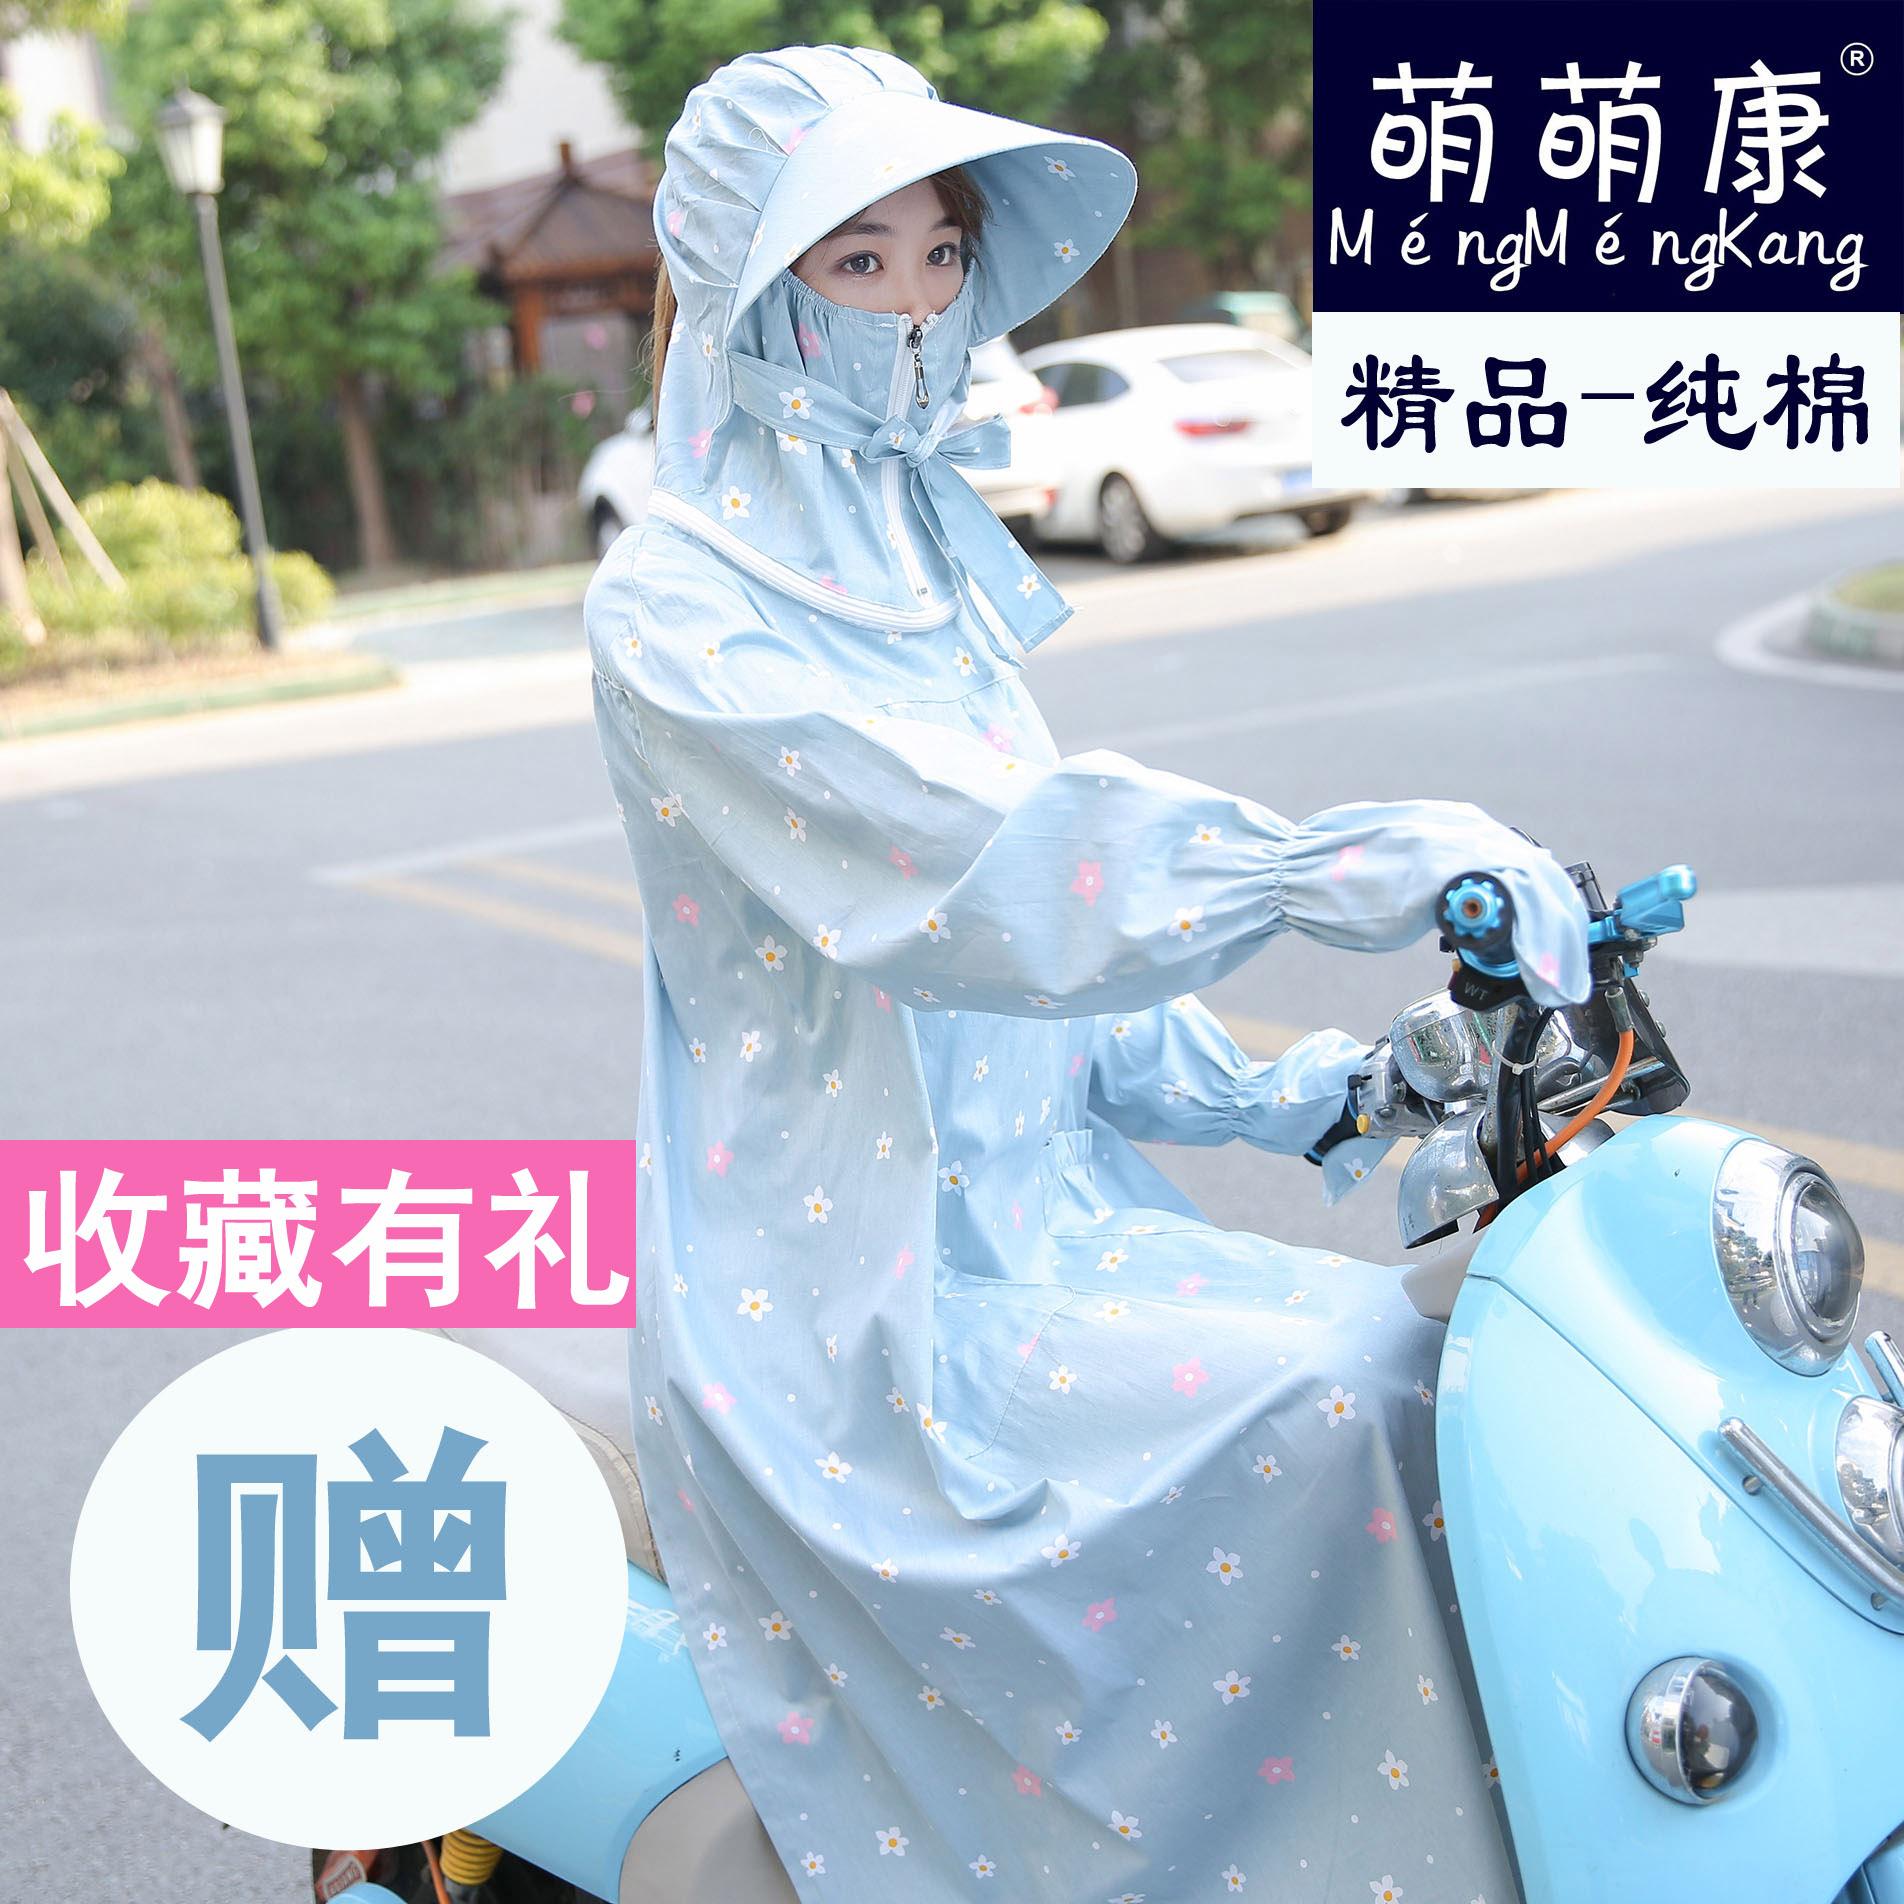 夏季骑电动车防晒衣